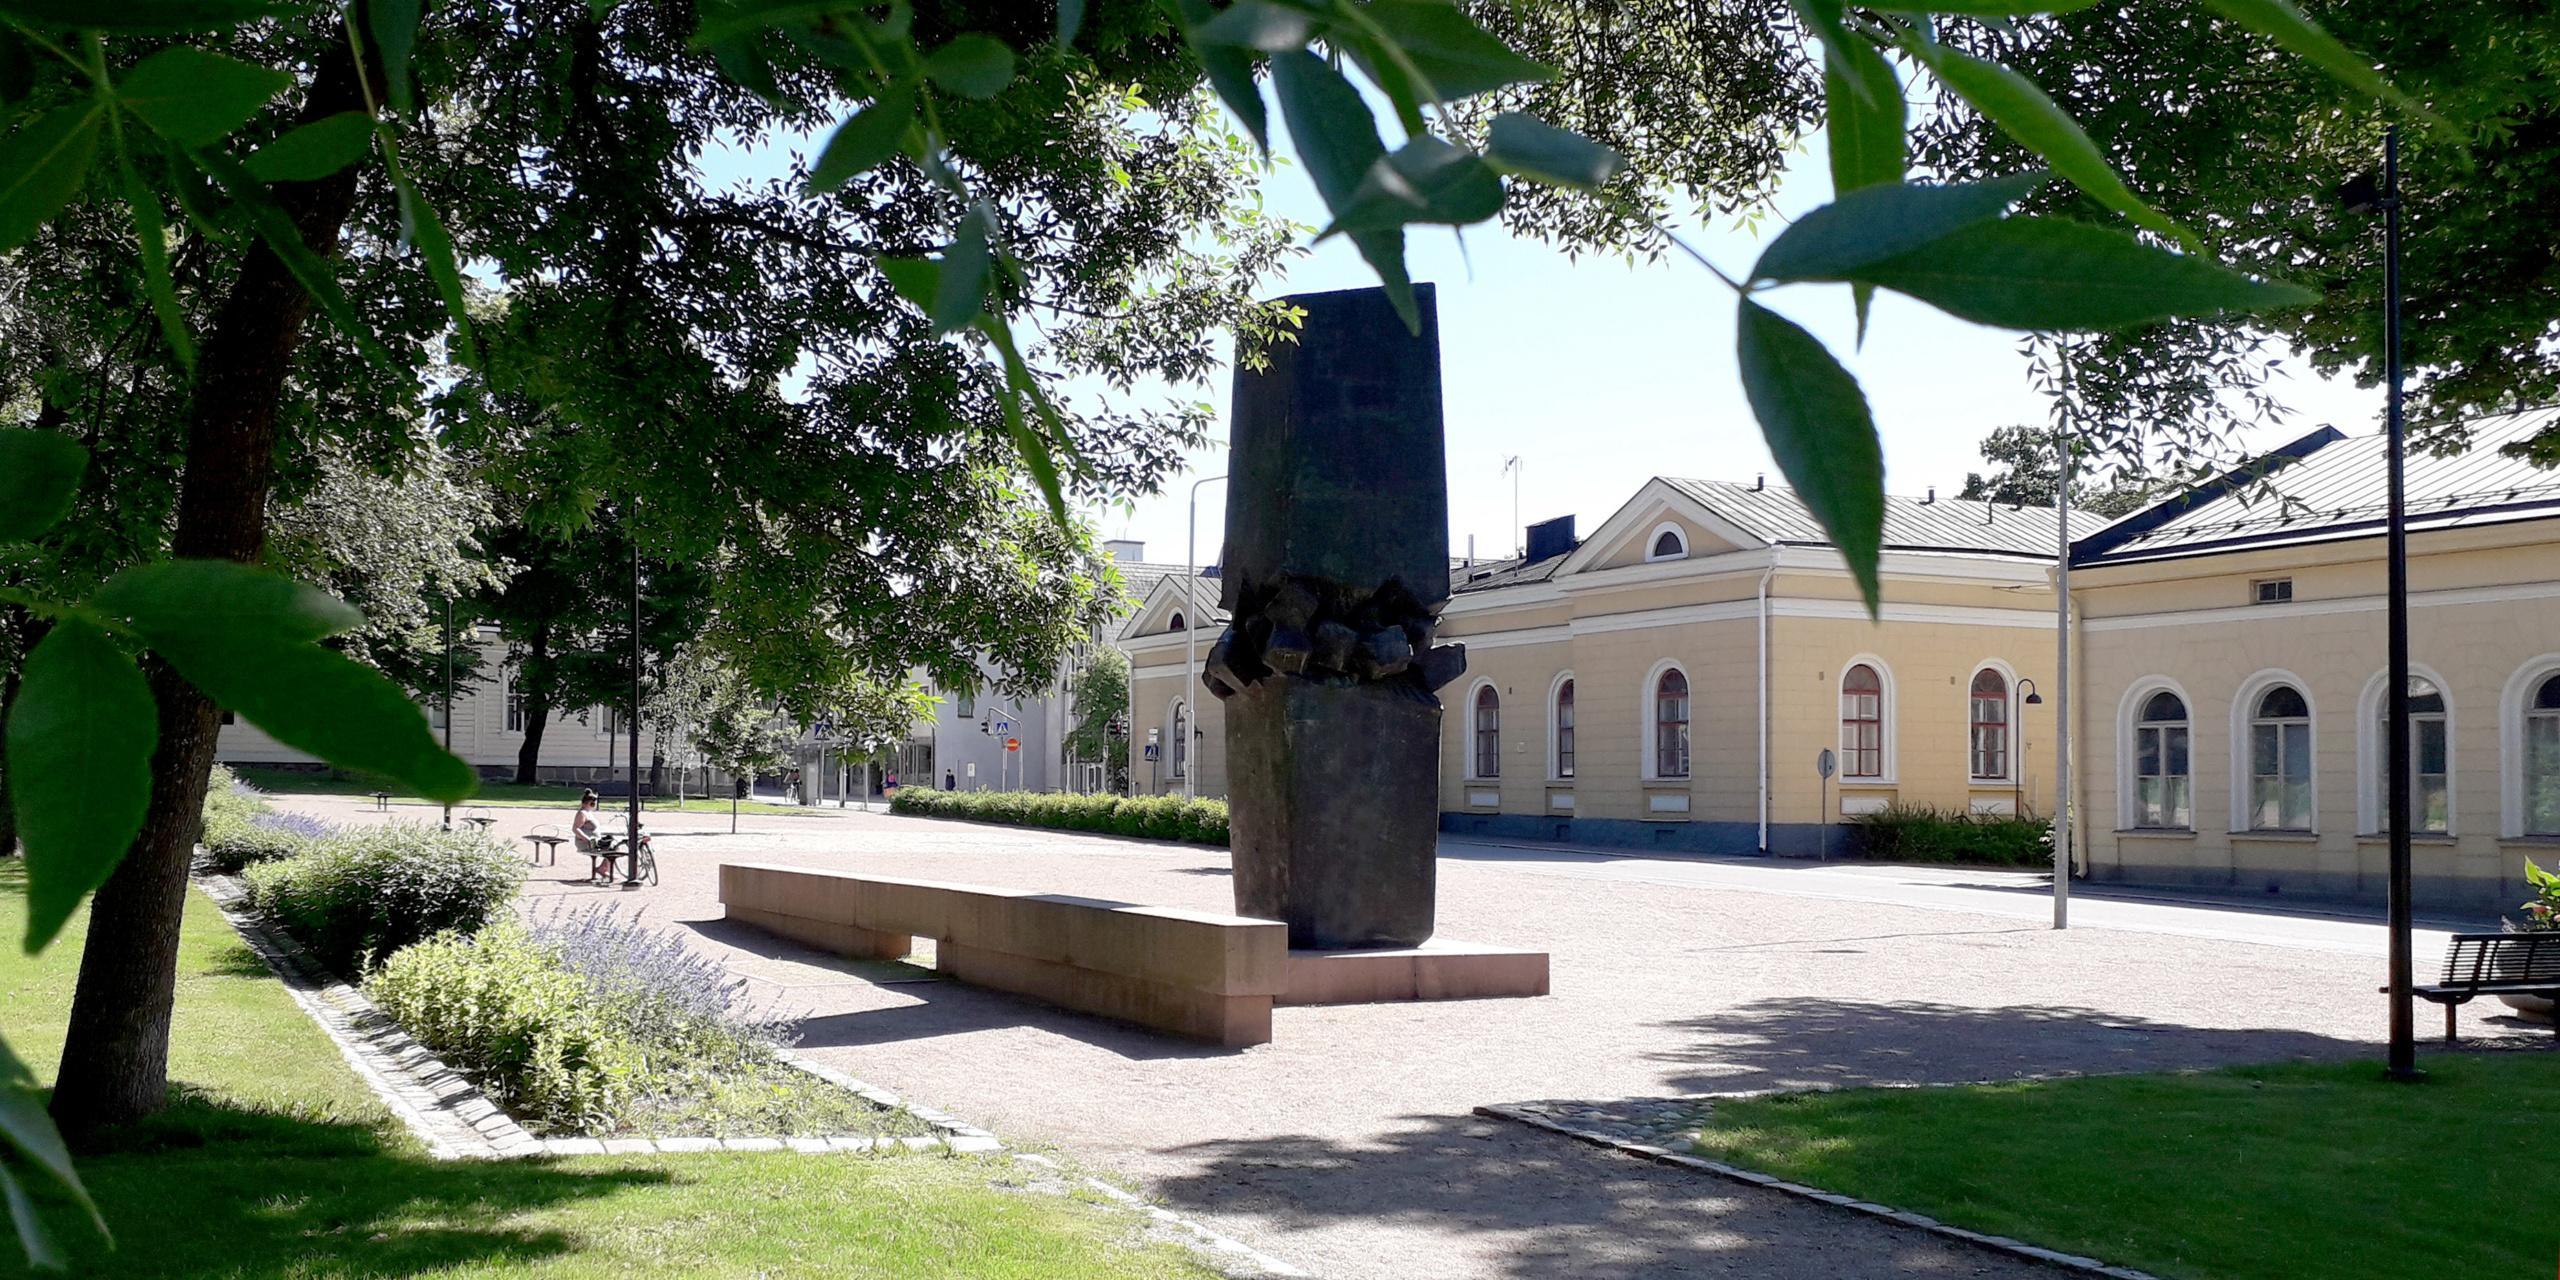 Aurinkoinen aukio kuvattuna puiden lehvästön yläreunasta rajaamana, aukiolla isokokoinen tumma pronssiveistos, jossa kaksi 'lohkaretta' päälekäin ja niiden välissä pienempi 'louhikko'. Jalusta ja pitkä, veistoksesta irrallinen muuri on punaista graniittia. Puistossa kukkaistutuksia ja penkkejä, penkillä istuskelee henkilö. Taustalla vaalean okran värisiä vanhoja kivirakennuksia valkopuitteisine kaari-ikkunoineen.